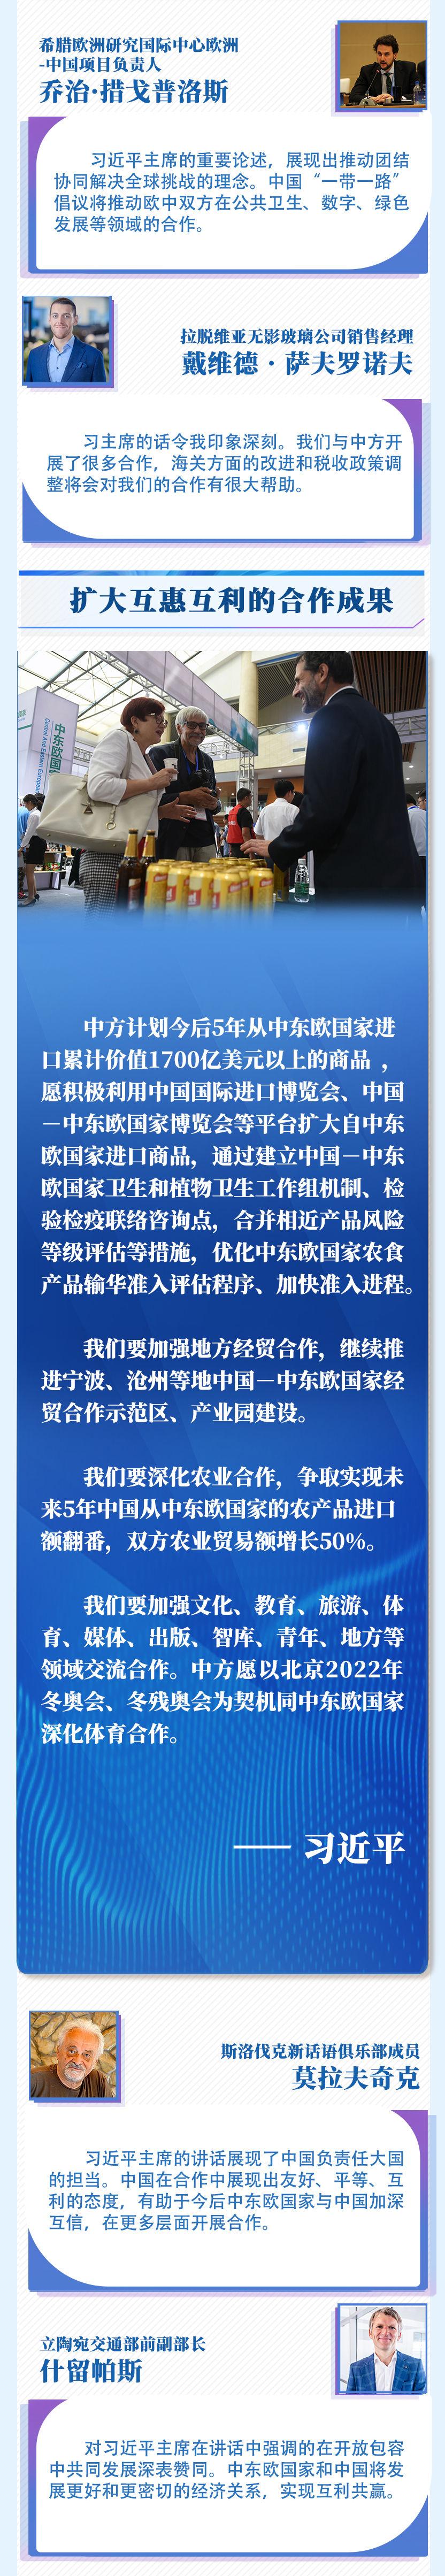 第一报道 | 新的重要里程碑!习主席推进中国—中东欧国家合作广受赞誉